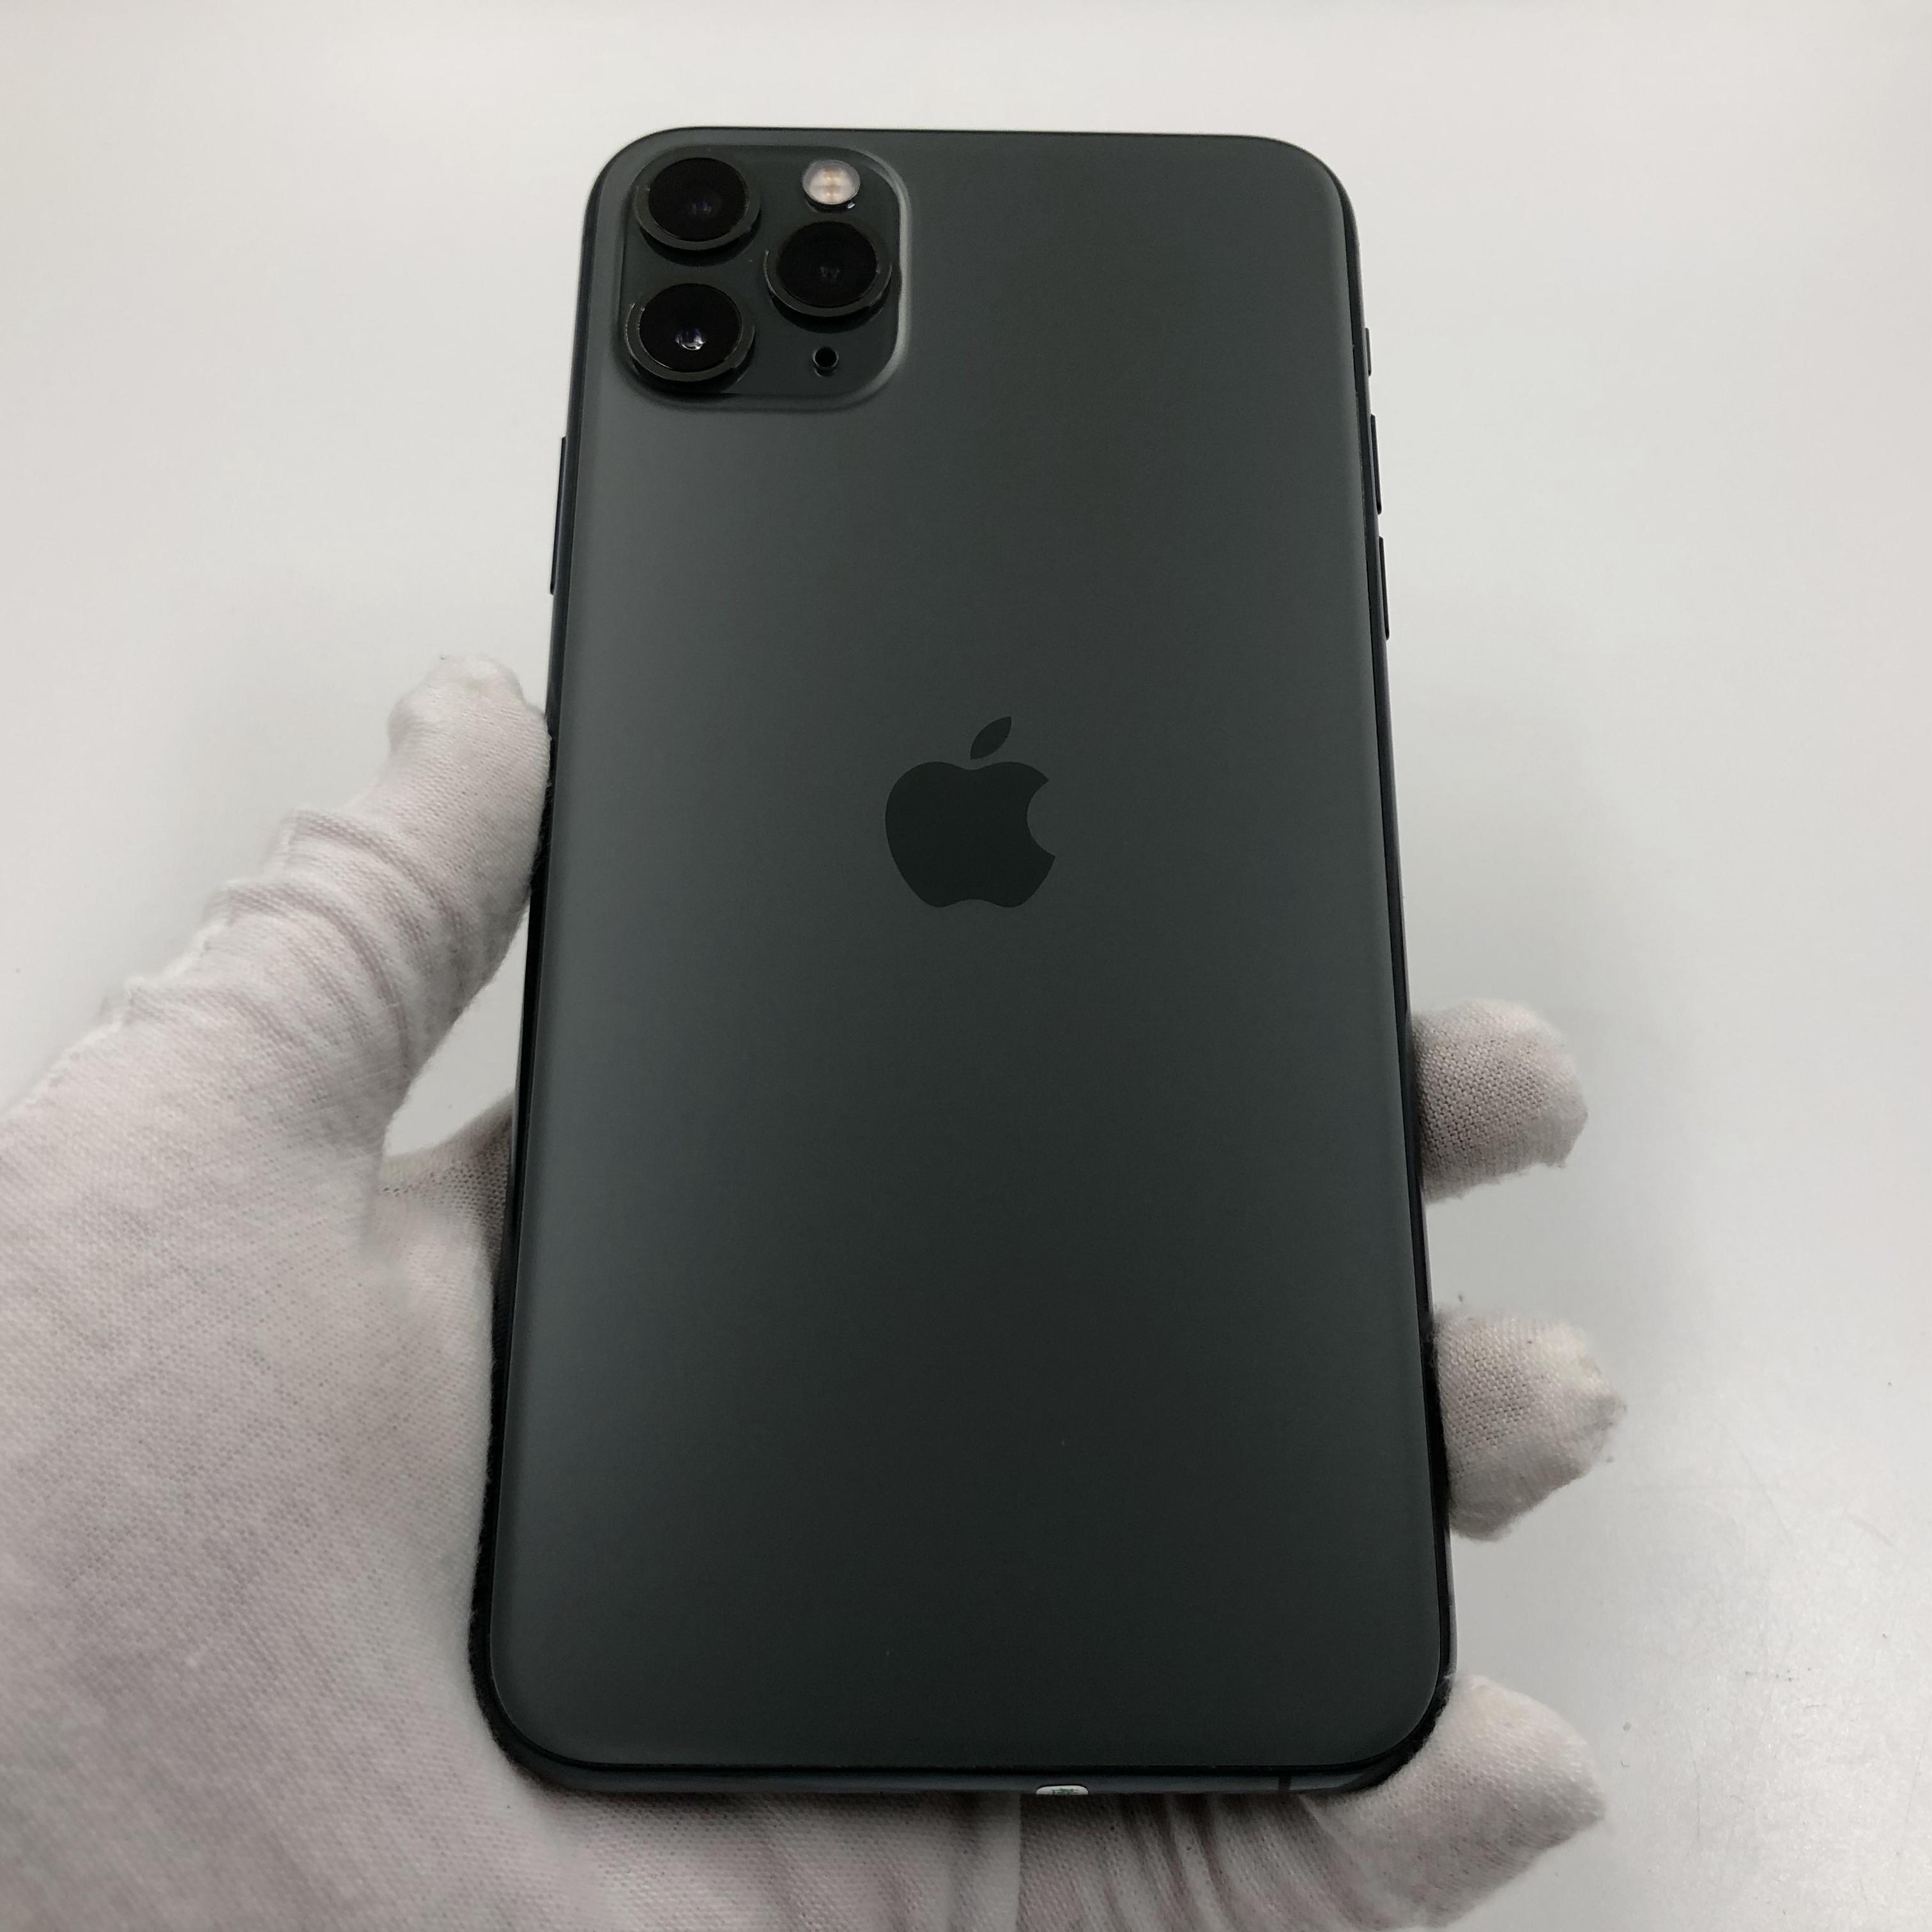 苹果【iPhone 11 Pro Max】4G全网通 暗夜绿色 256G 国行 95新 真机实拍